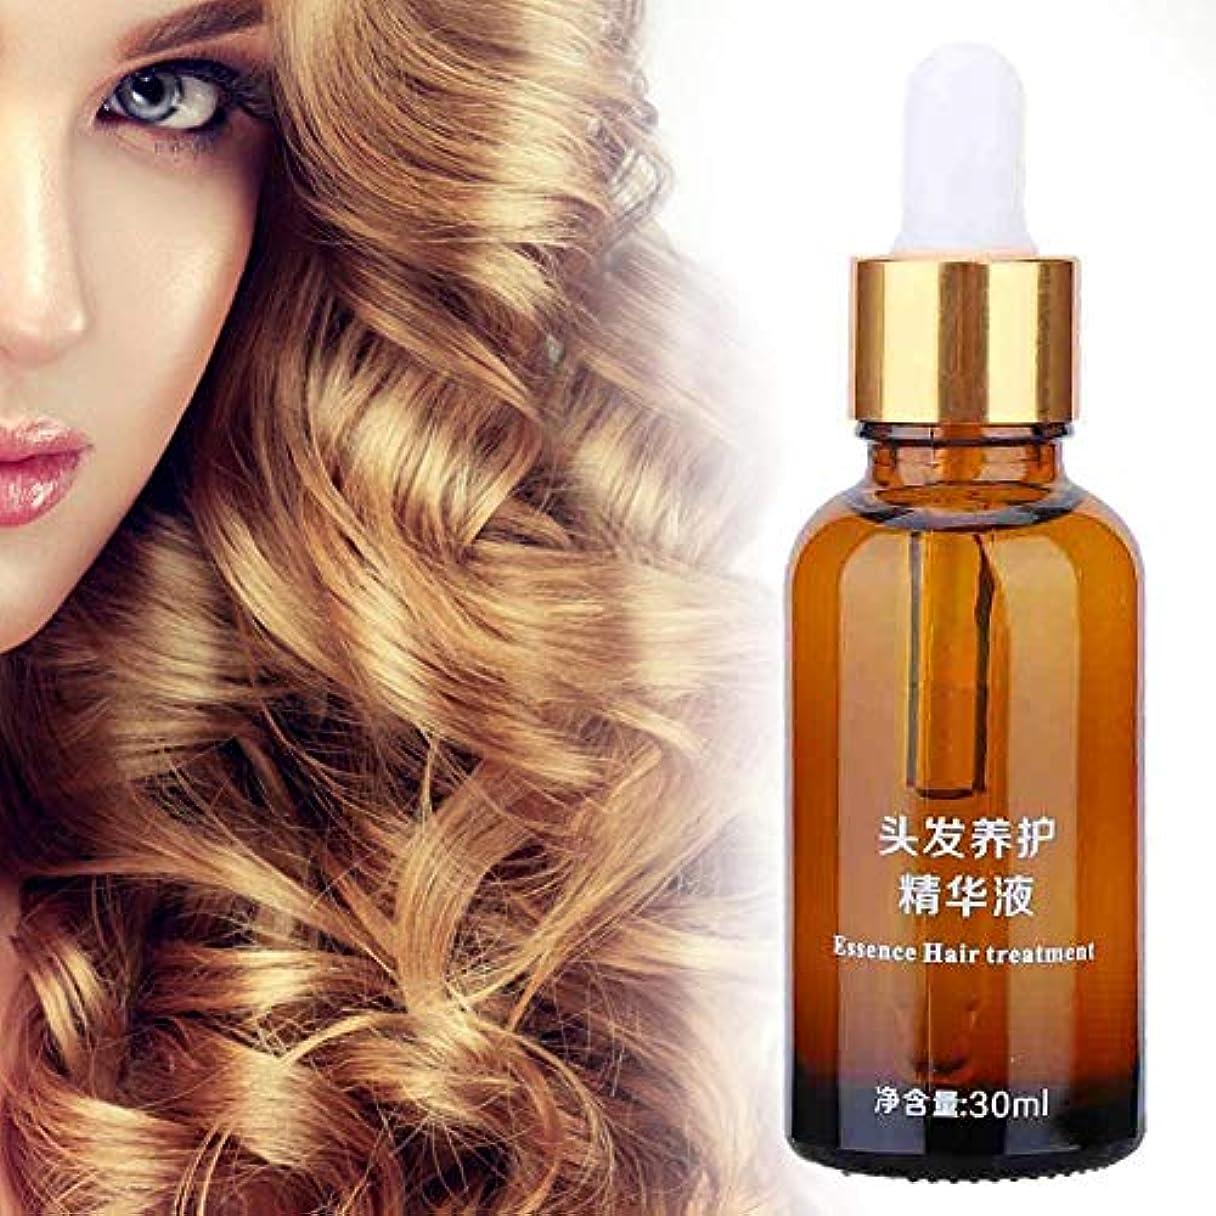 セラー辞書無一文ヘアエッセンシャルオイル、頭皮の養毛を強化する毛根の乾燥によるダメージを減らしますヘアリペアエッセンシャル液体30ミリリットル